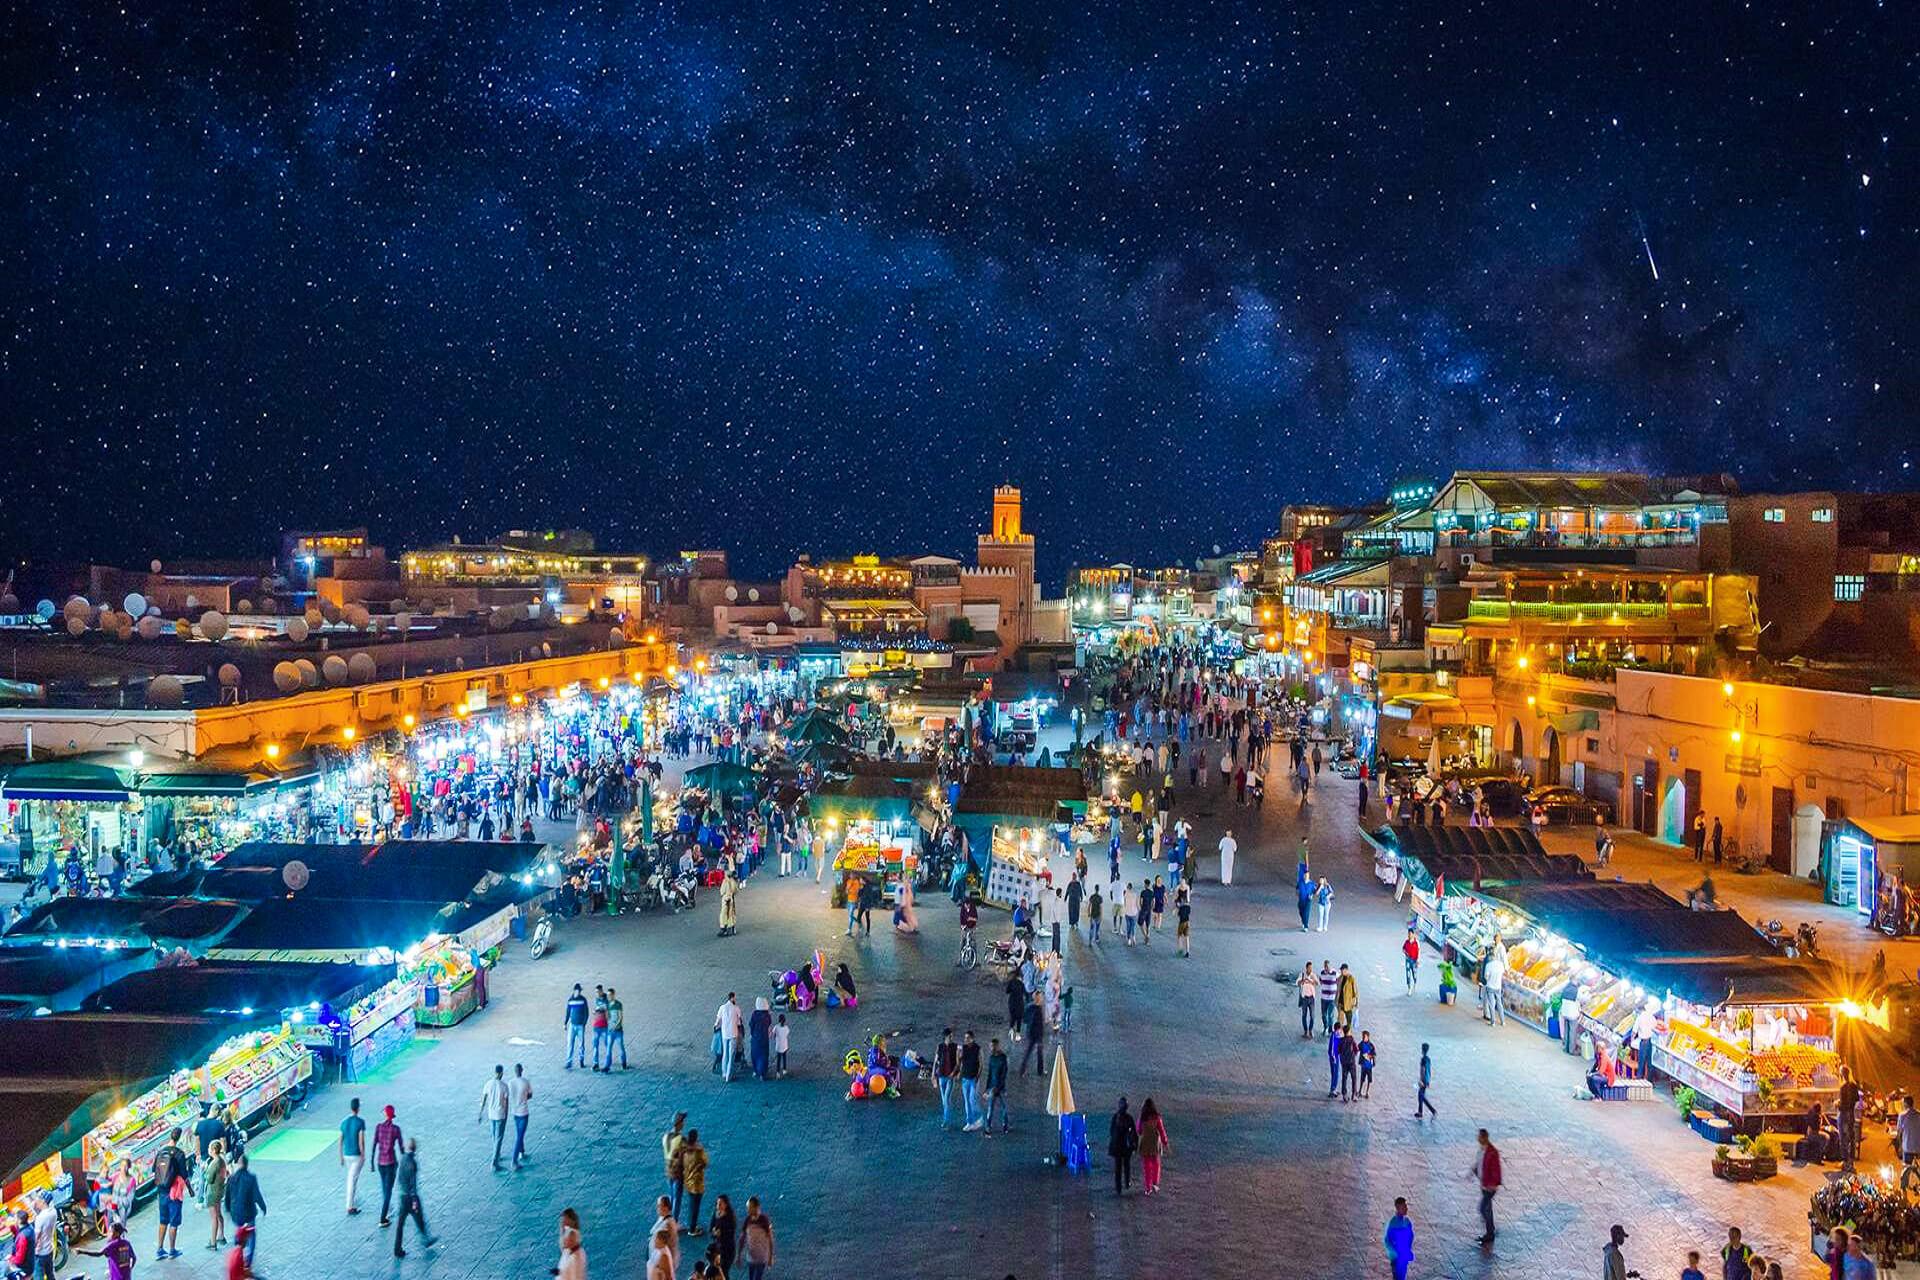 Marrakech - Destinations Where Summer Never Ends